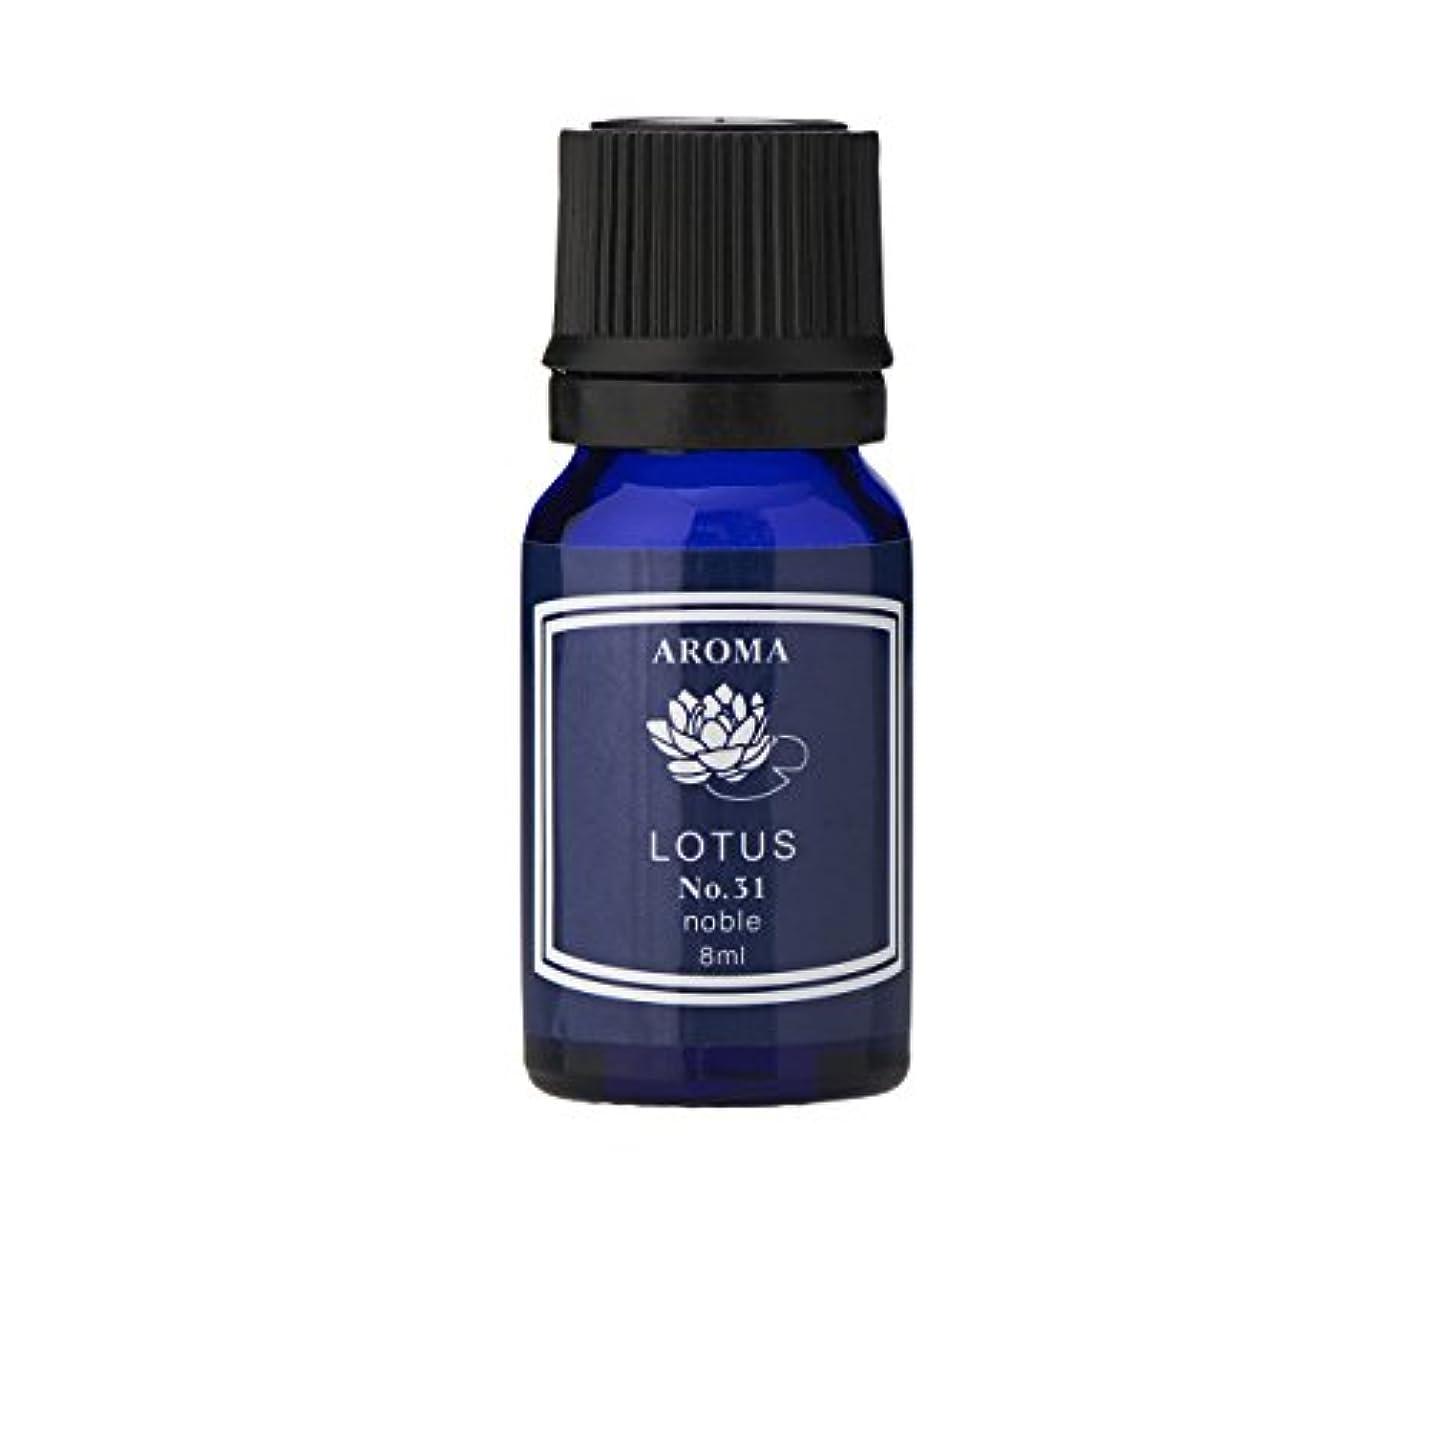 そっと溶接囲いブルーラベル アロマエッセンス8ml ロータス(アロマオイル 調合香料 芳香用)